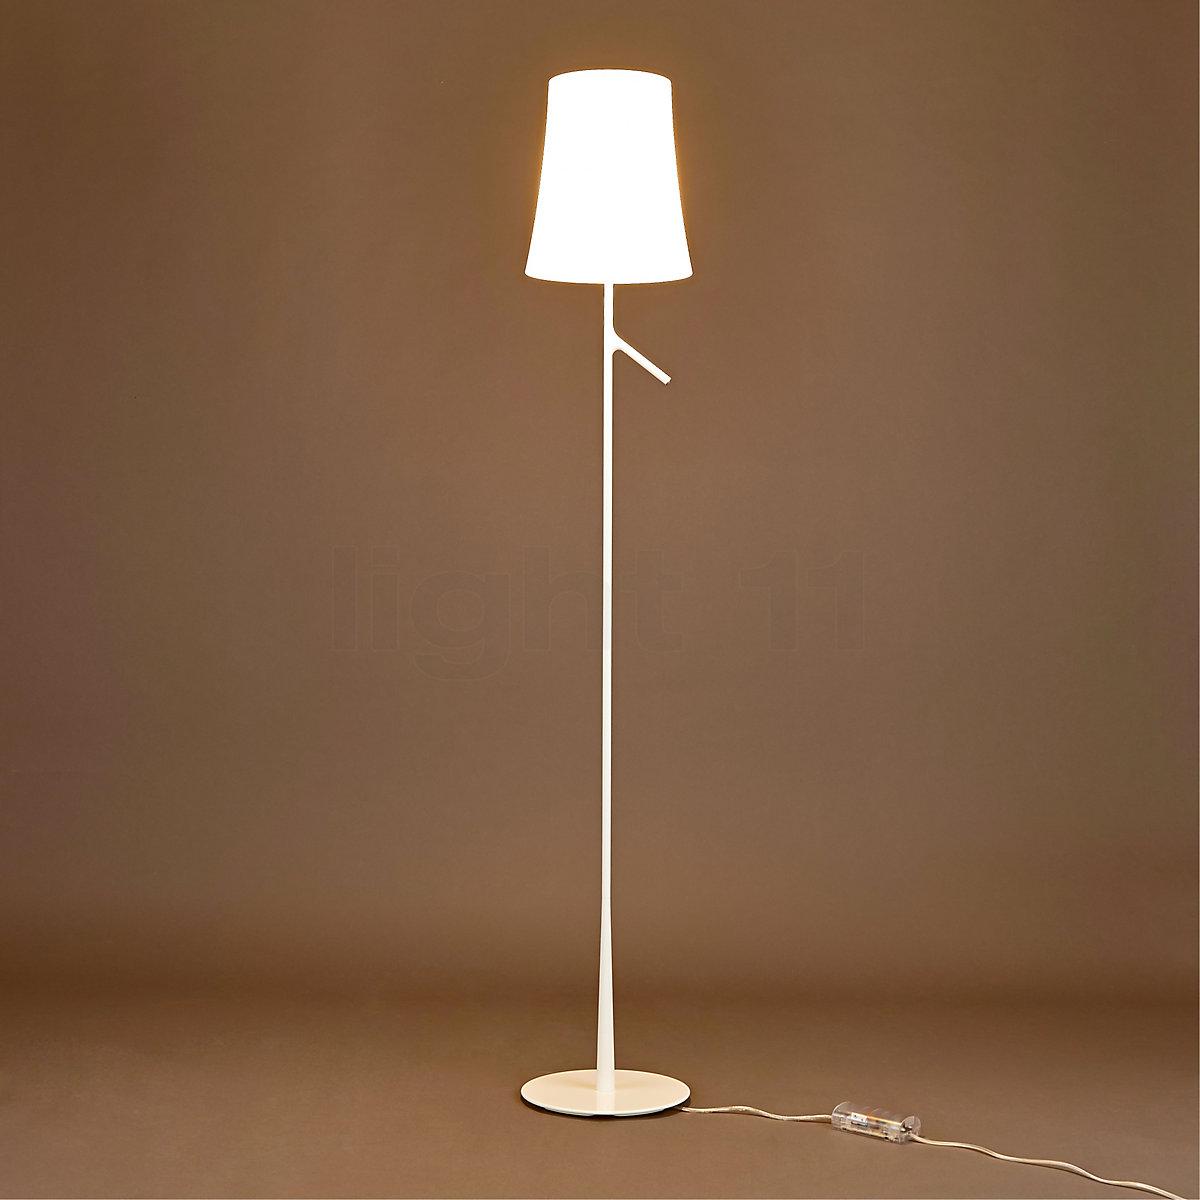 Lampada Birdie Foscarini.Foscarini Birdie Terra Light11 It